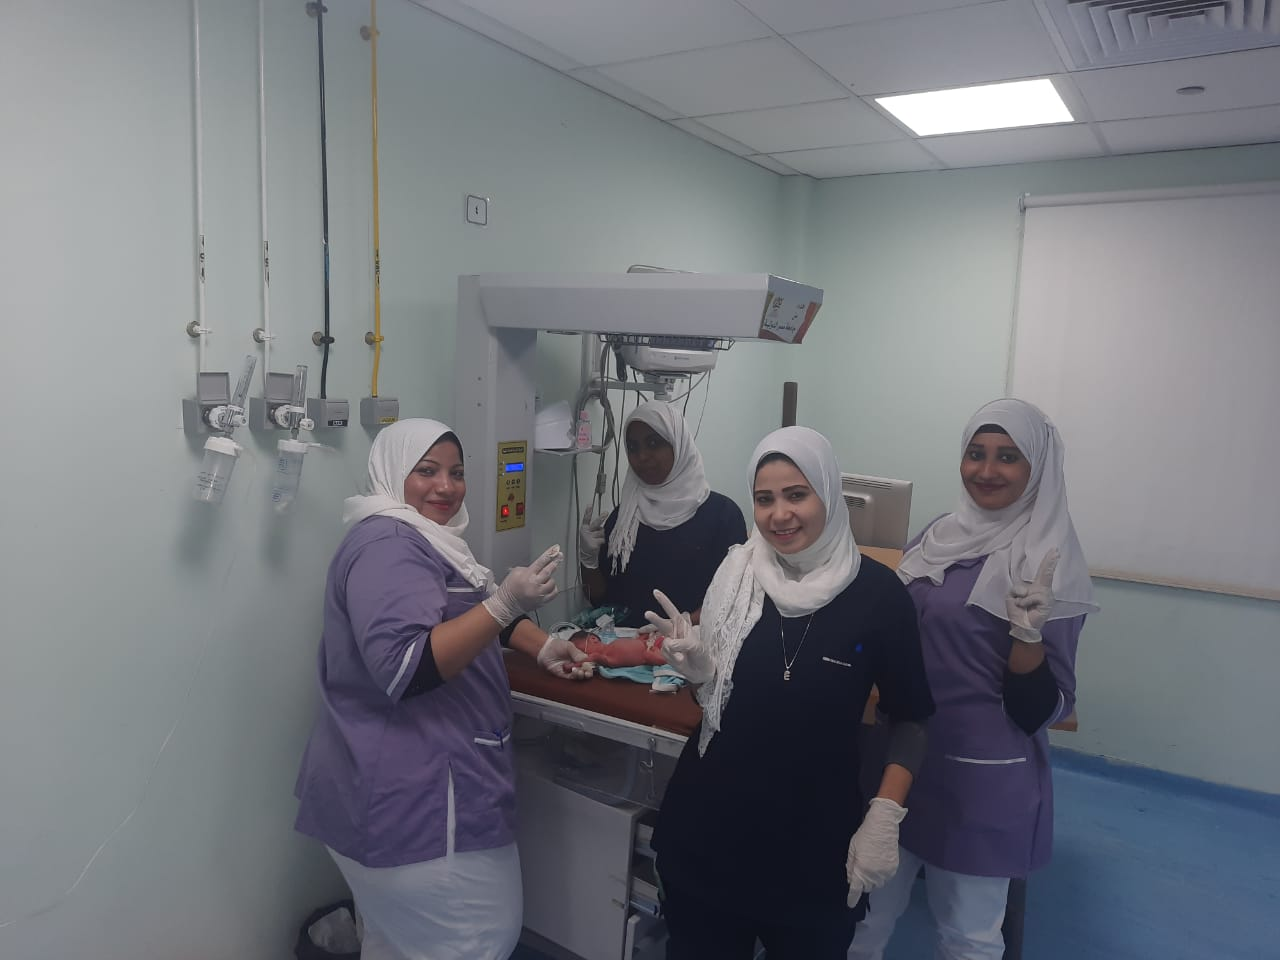 أطباء مستشفى الأقصر العام يجرون ولادة طبيعية لـ4 توائم بنجاح كبير (3)